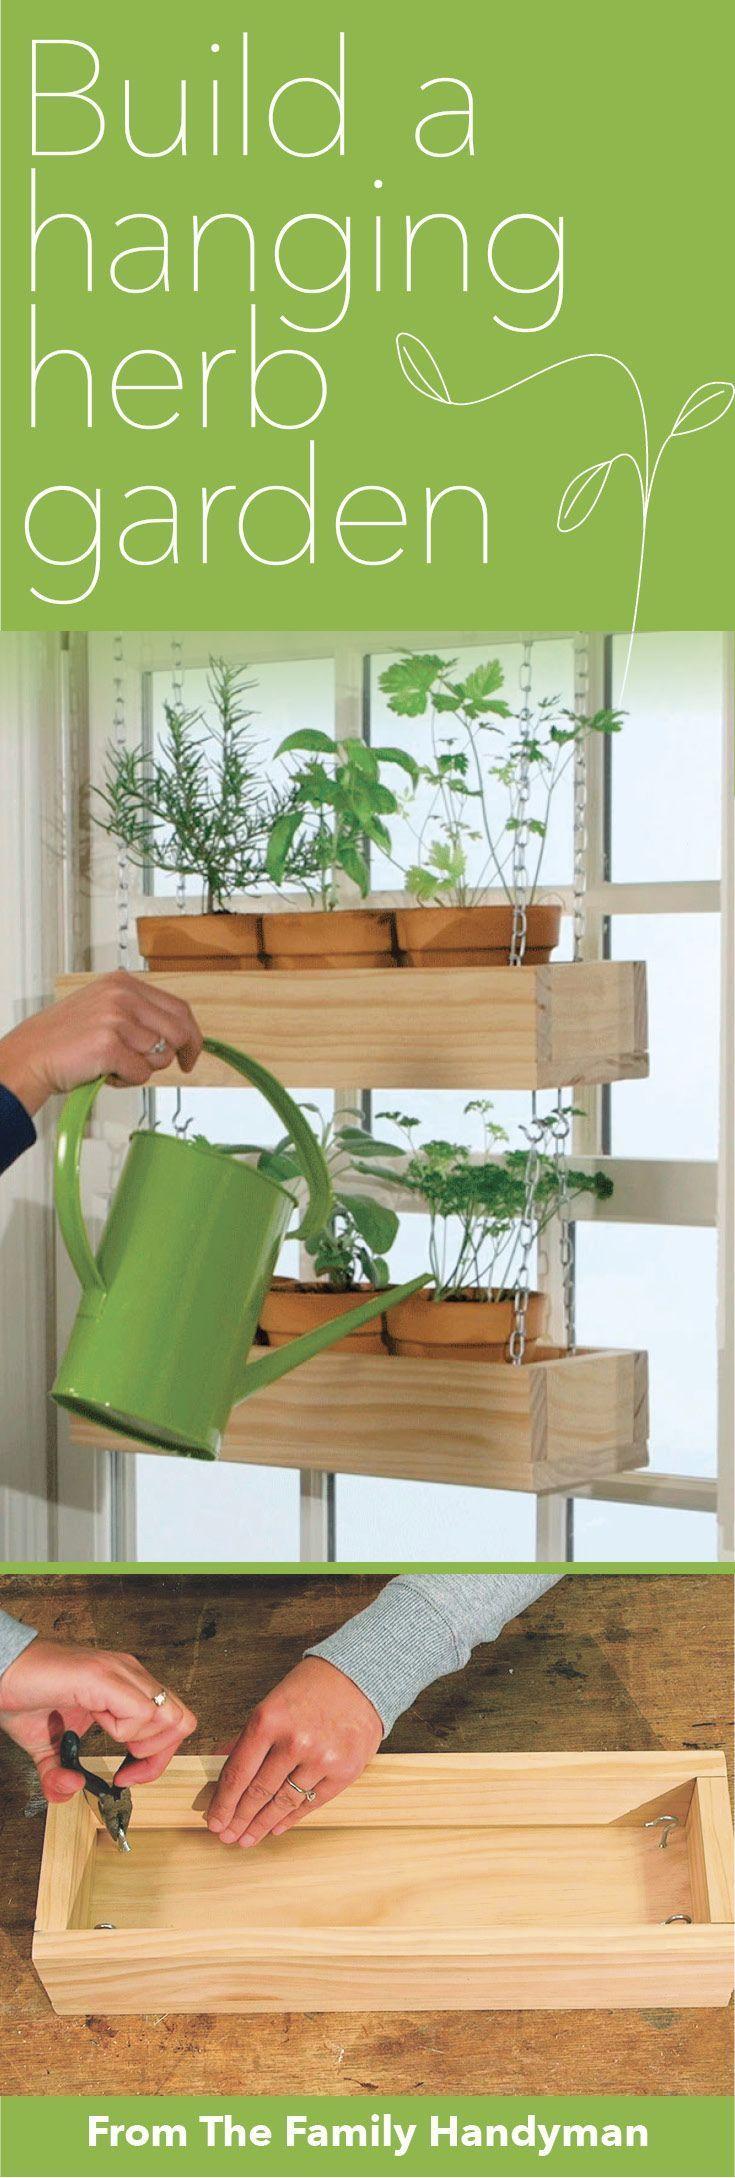 How to Build an Indoor Hanging Herb Garden Diy herb